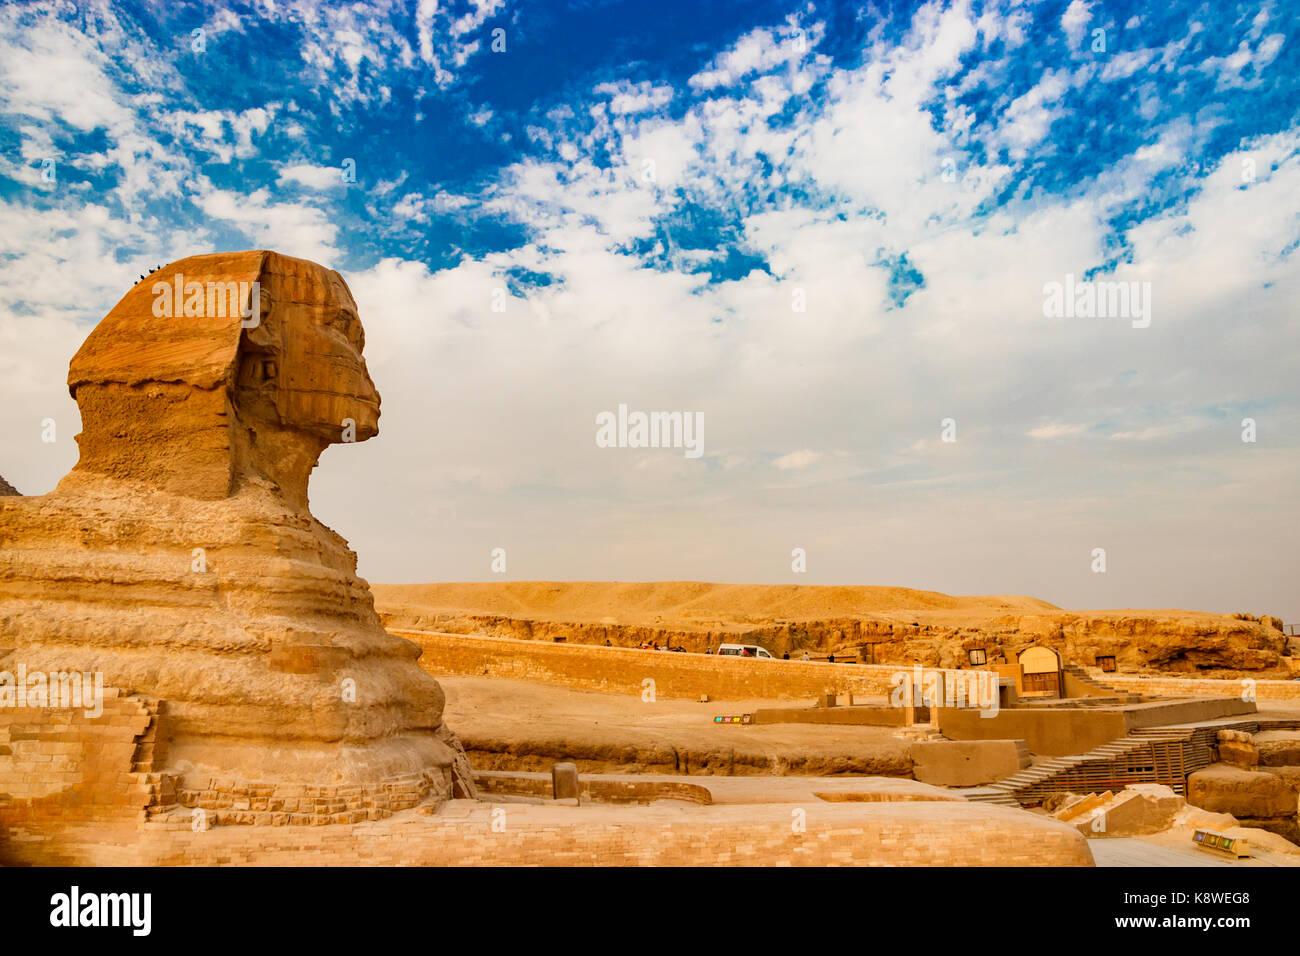 Sphinx près des pyramides de Gizeh Le Caire, Égypte. Photo Stock